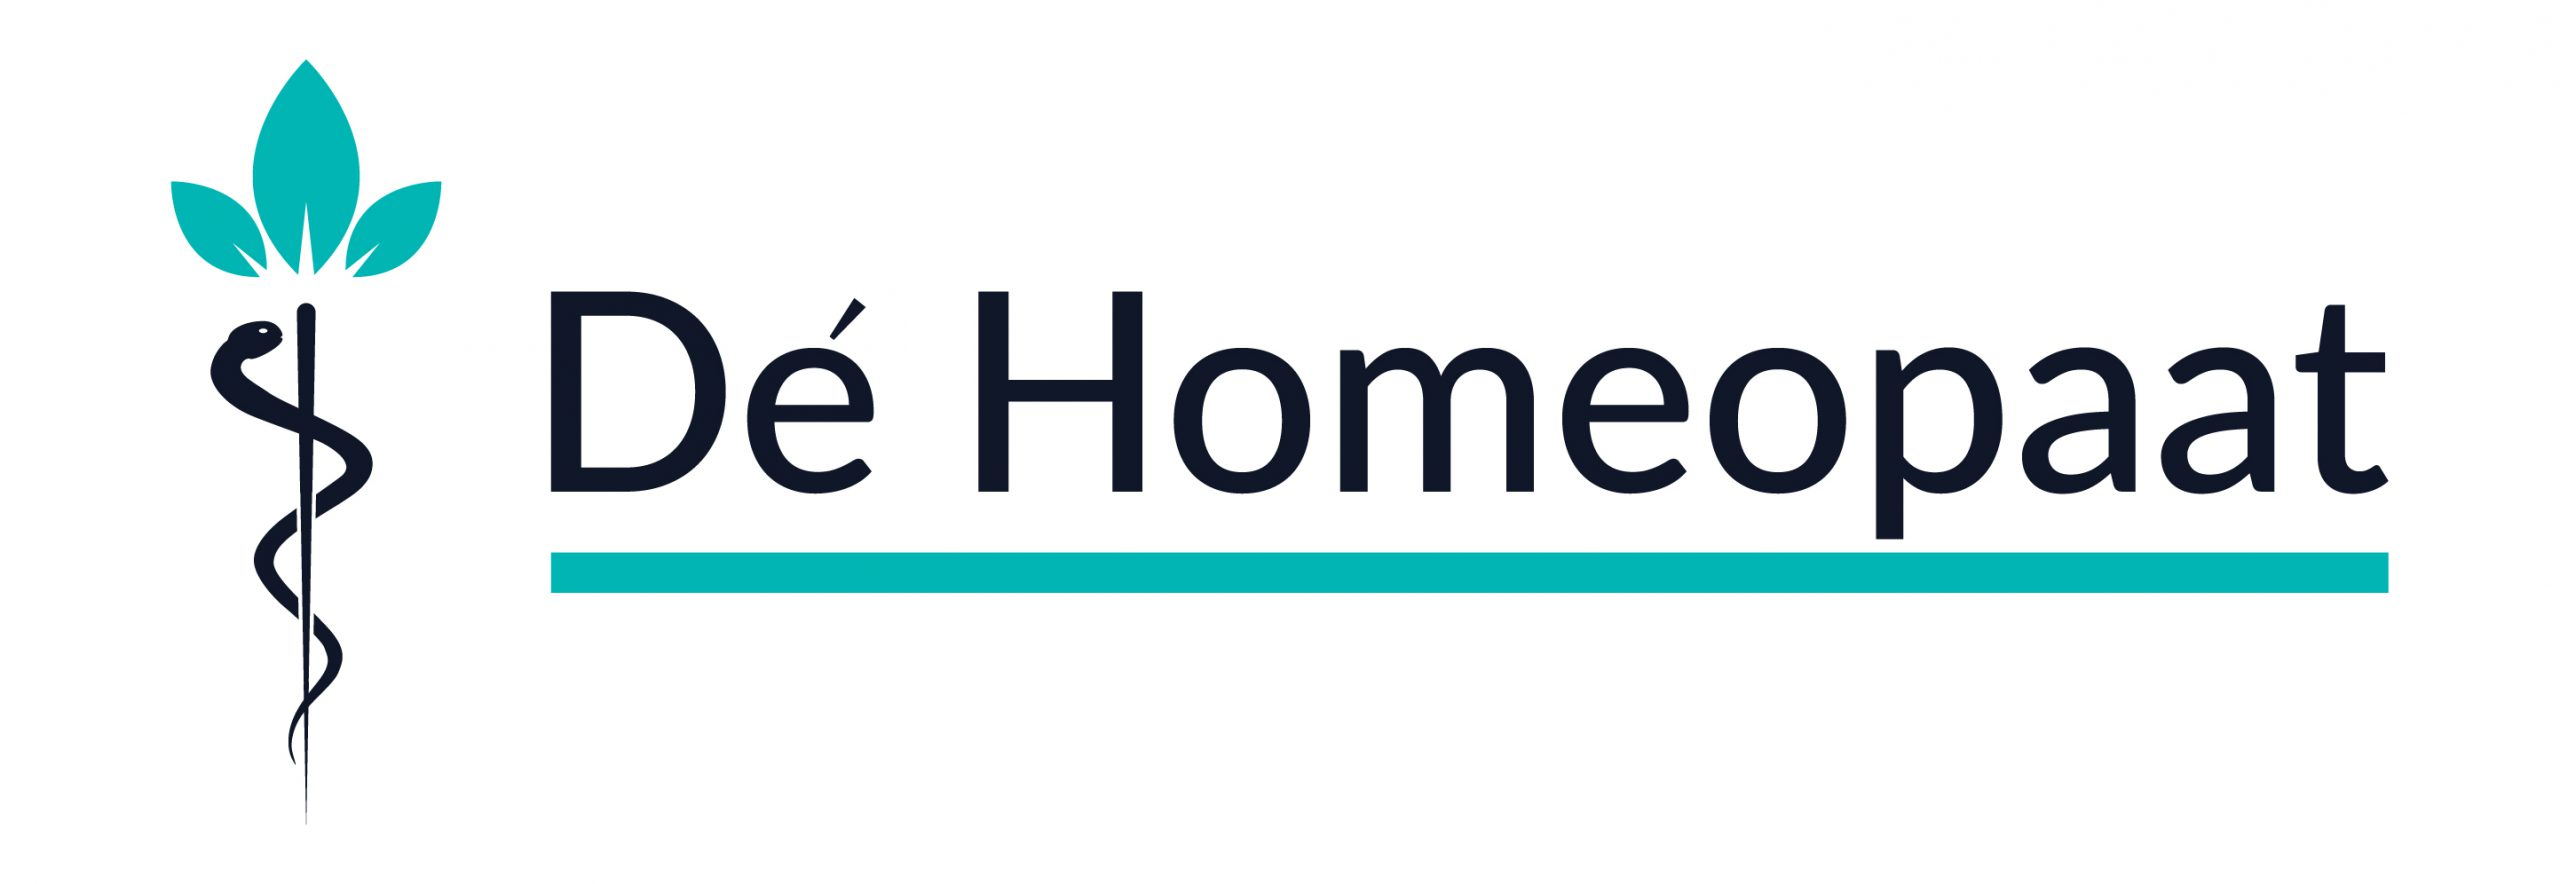 Dé homeopaat